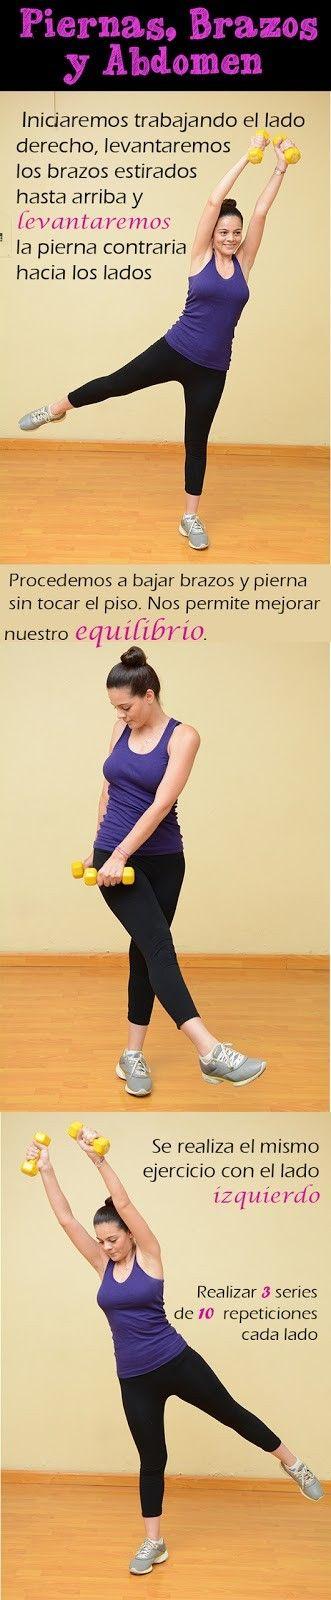 Rutinas de ejercicios para piernas, brazos y abdomen #Ejercítate